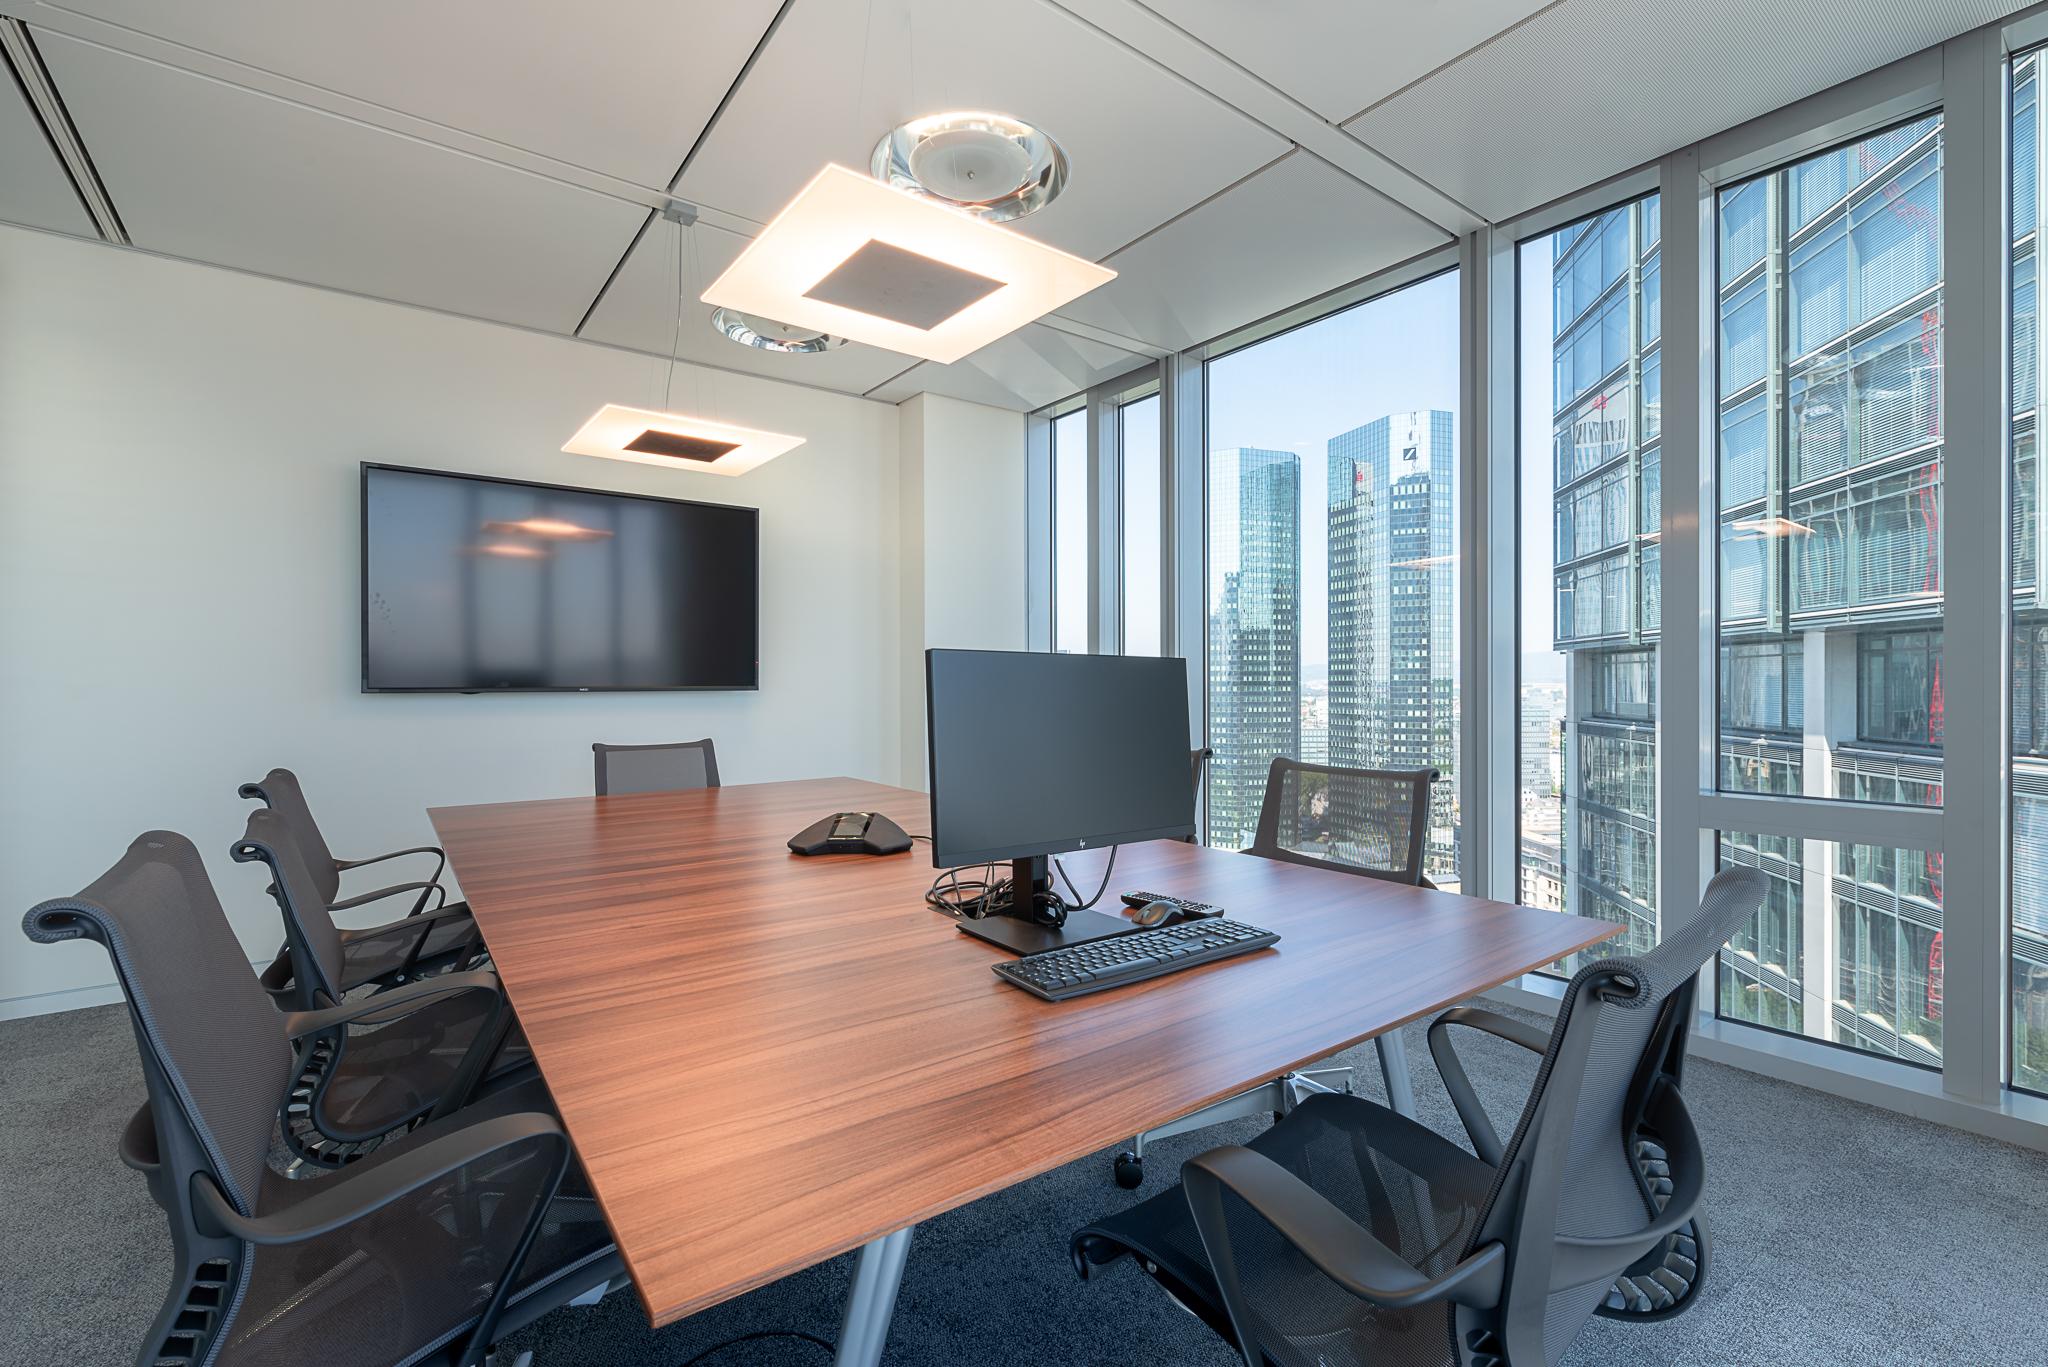 Objektfotografie moderner Innenräume und Büros